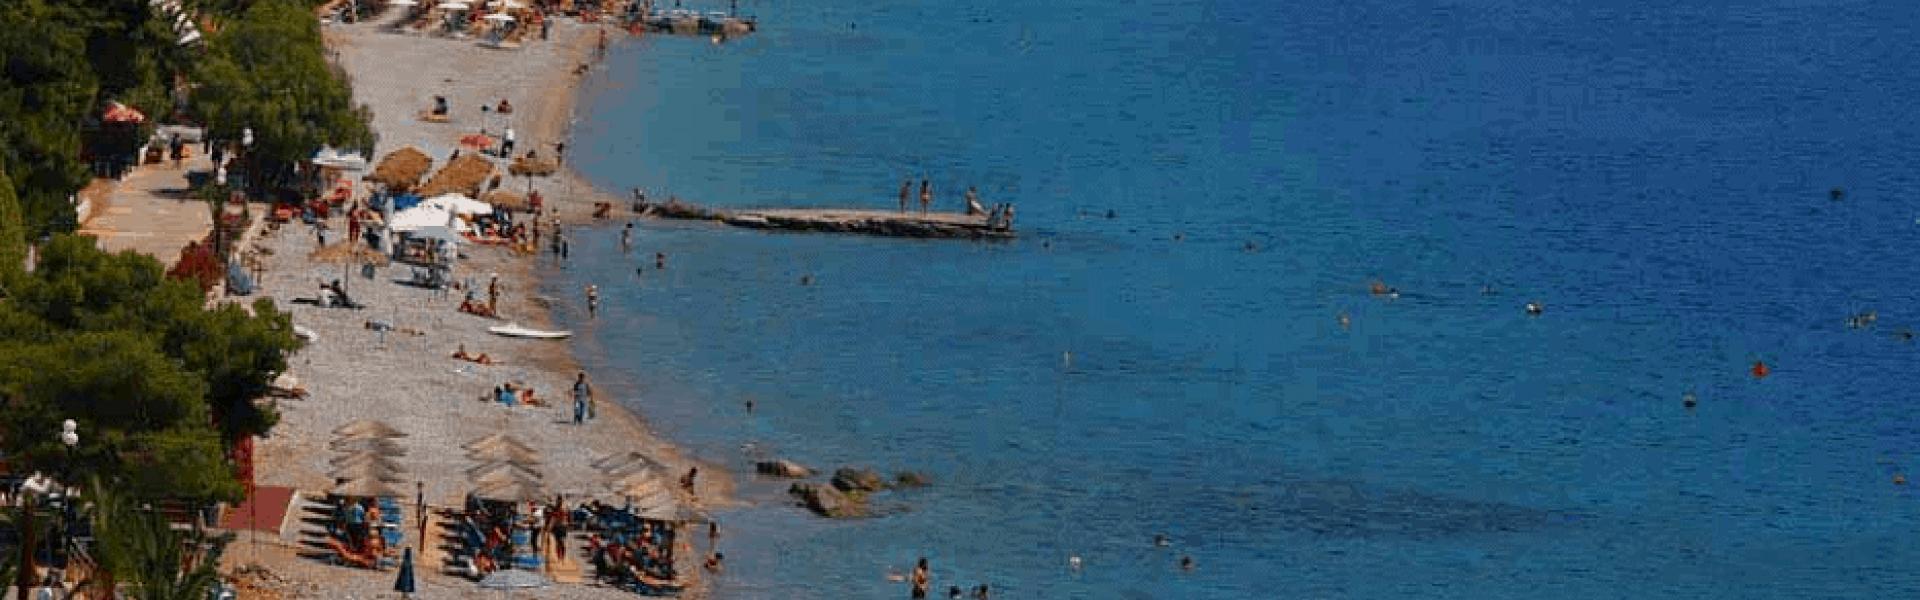 Παραλία Πευκάκια πανοραμική